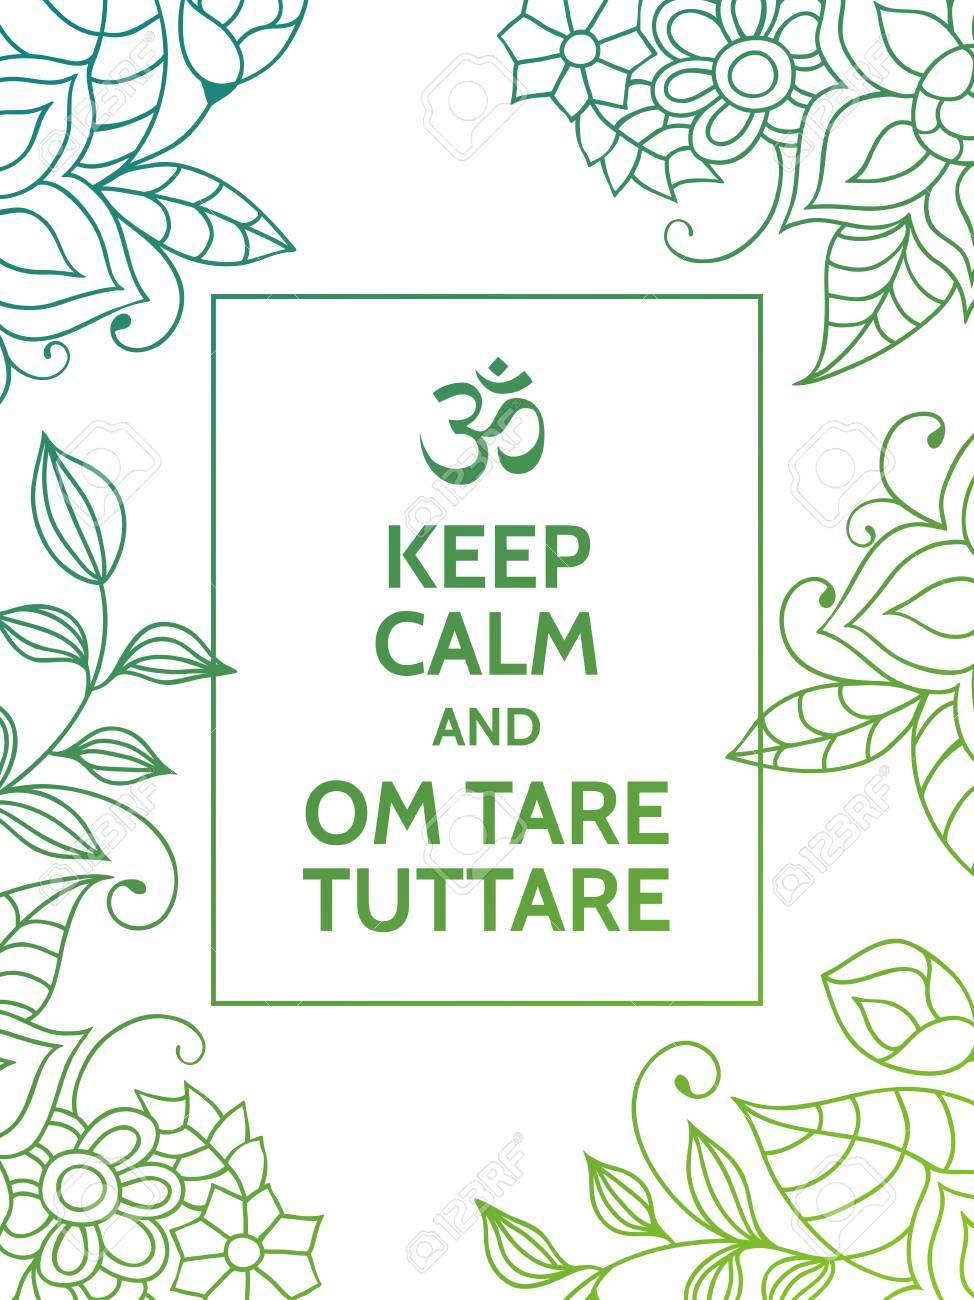 Halten Sie Ruhe Und Om Tara Tuttare. Yoga Mantra Motivierend ...